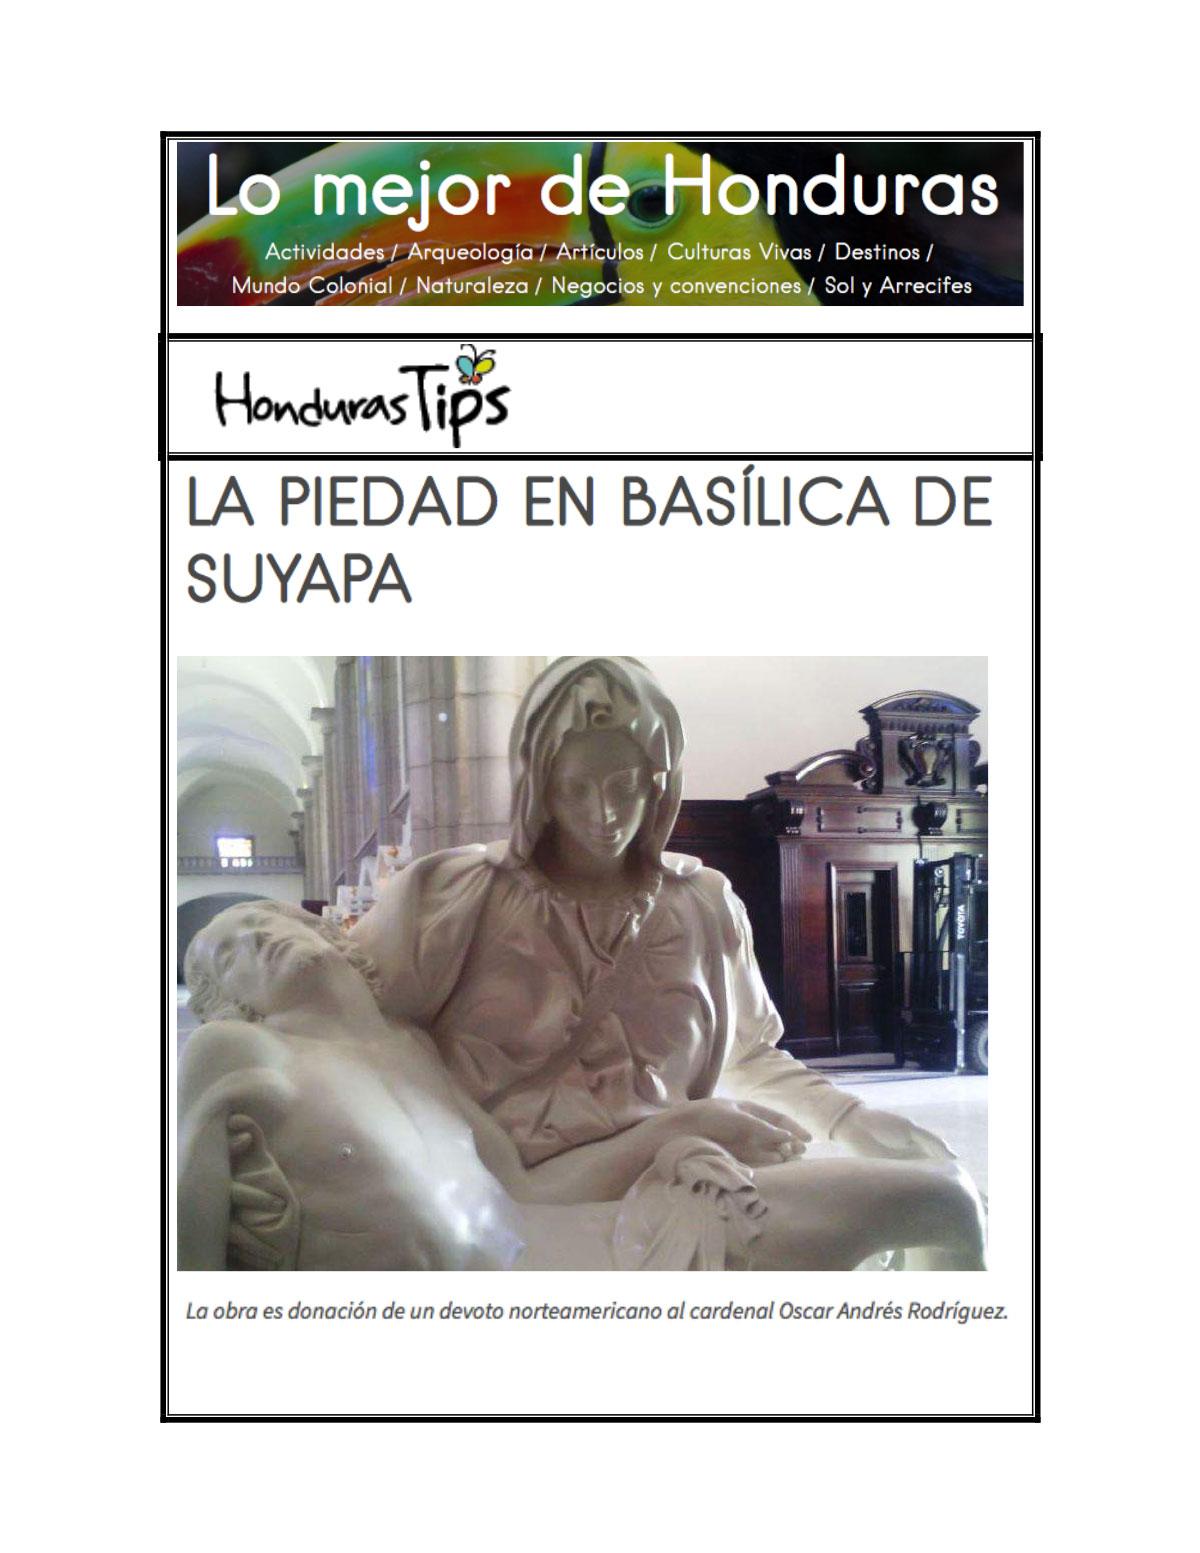 6b. Honduras Tips Basilica de Suyapa Oct 2016